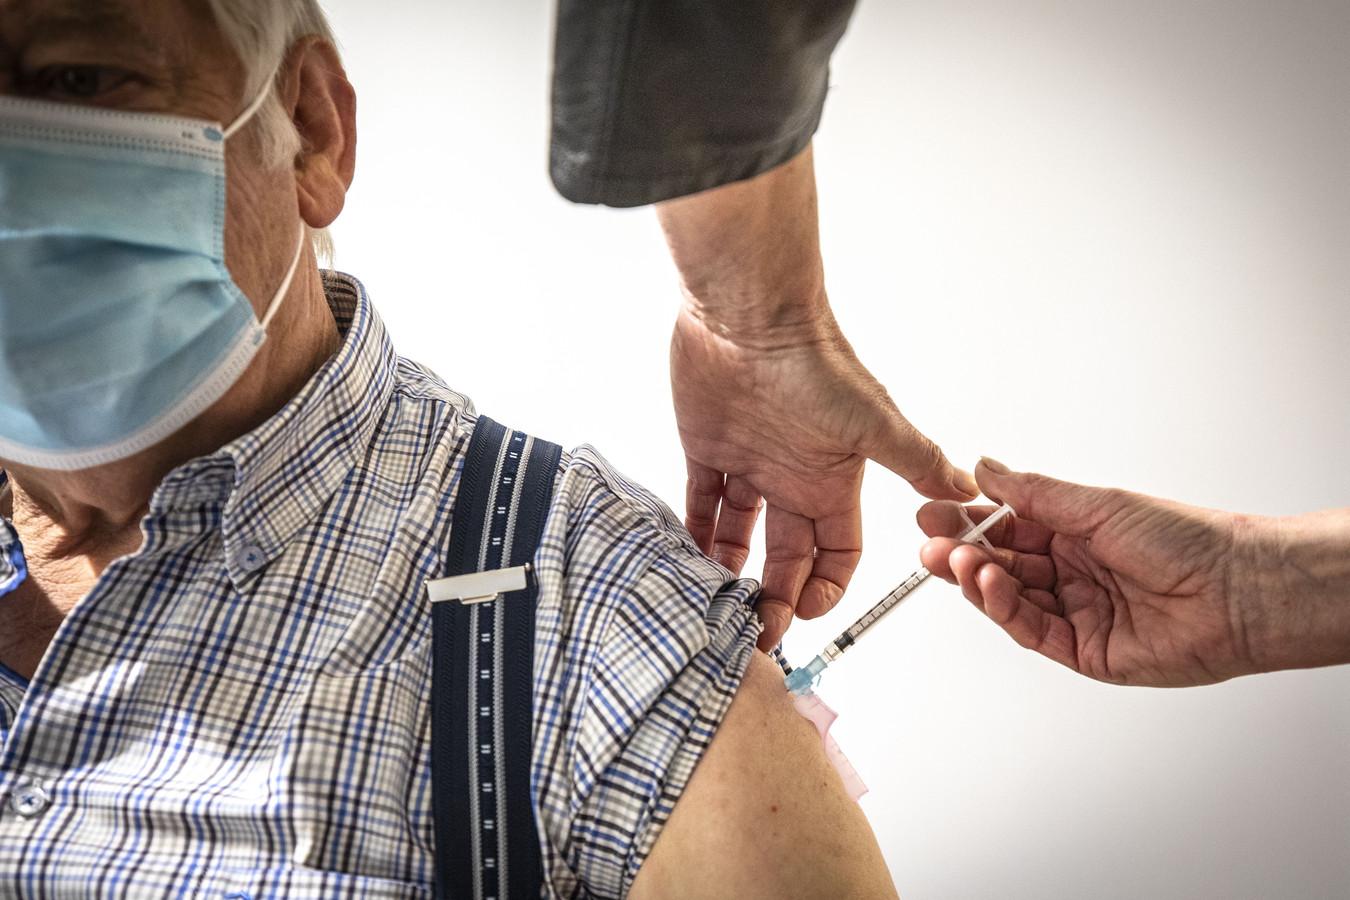 Meneer Kleisen was een van de eersten die in de oude bibliotheek in Oldenzaal gevaccineerd werd.